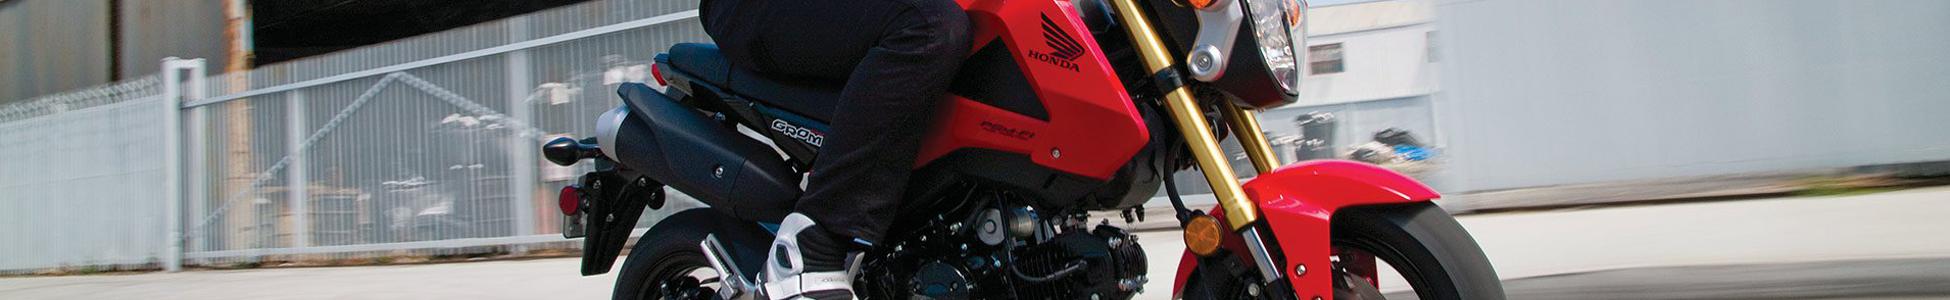 Novo Motociclo Honda MSX125 - Categoria A1